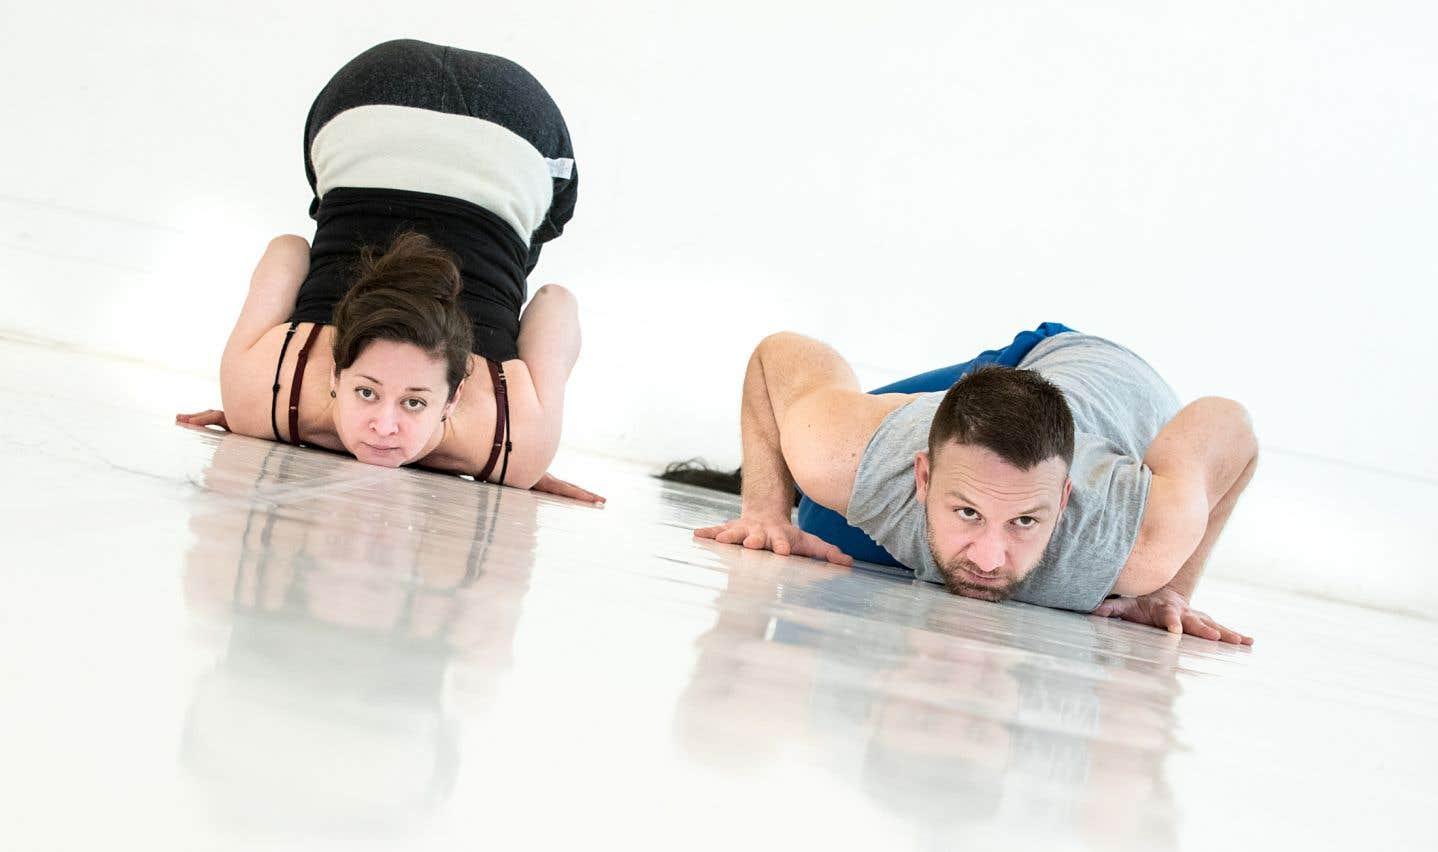 En scène, la contorsionniste Andréane Leclerc et le danseur Dany Desjardins deviennent matière humaine, amas de chair colonisés par des hordes de bactéries.